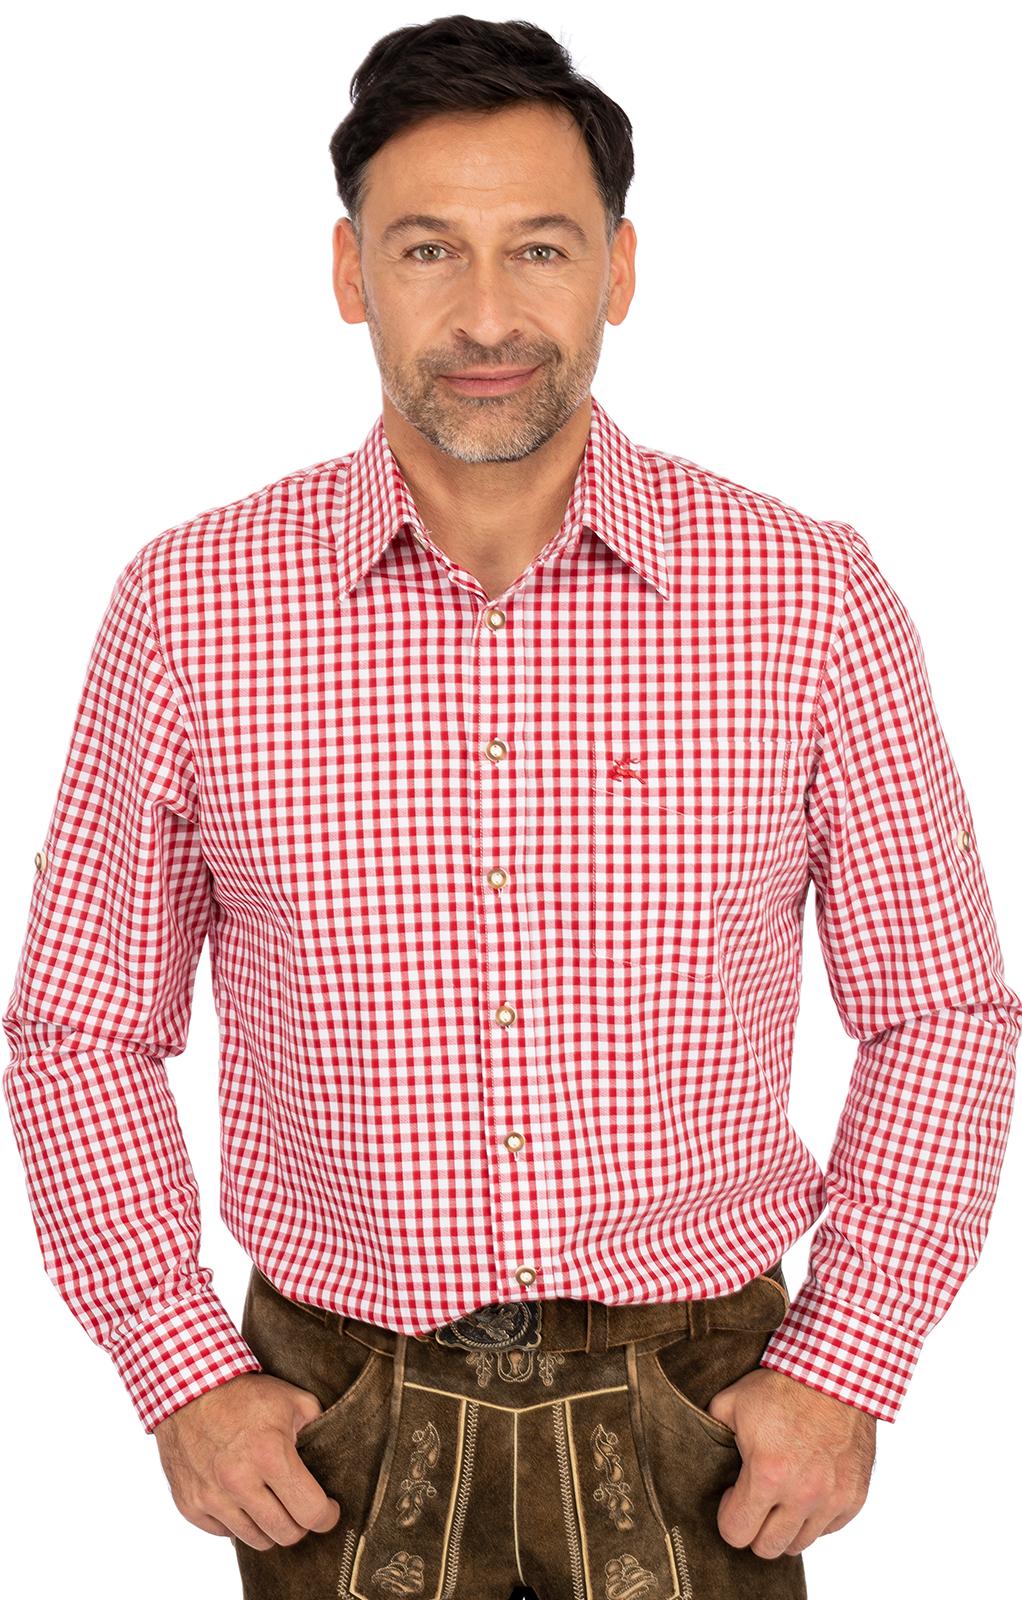 TRACHTEN Camicia a quadri blu o rosso-Oktoberfest-Oktoberfest-Camicia da donna